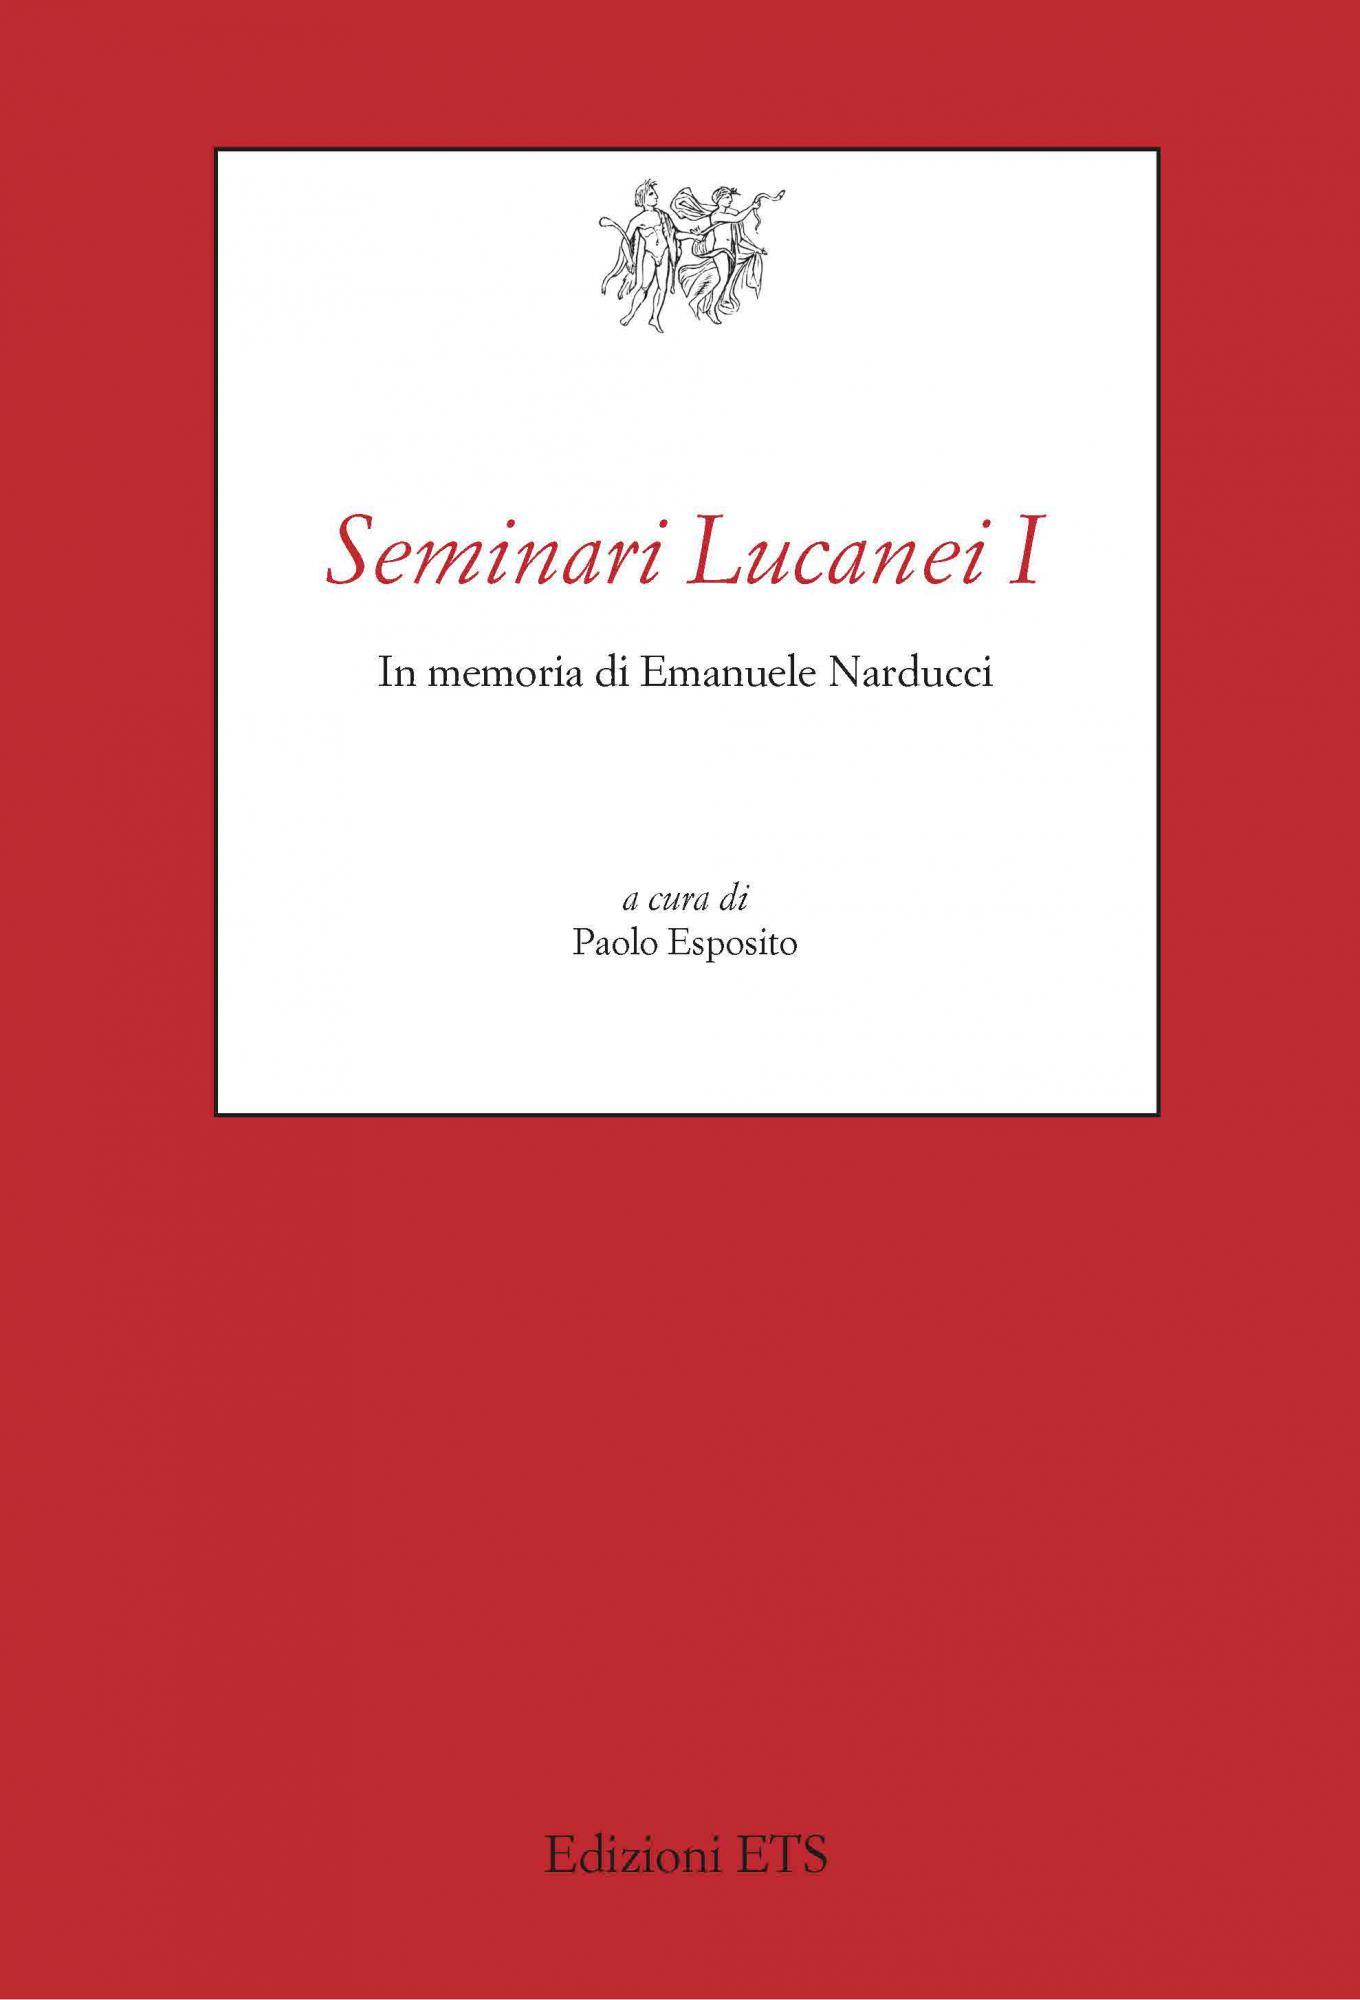 Seminari Lucanei I-<em>novità in arrivo</em>.In memoria di Emanuele Narducci